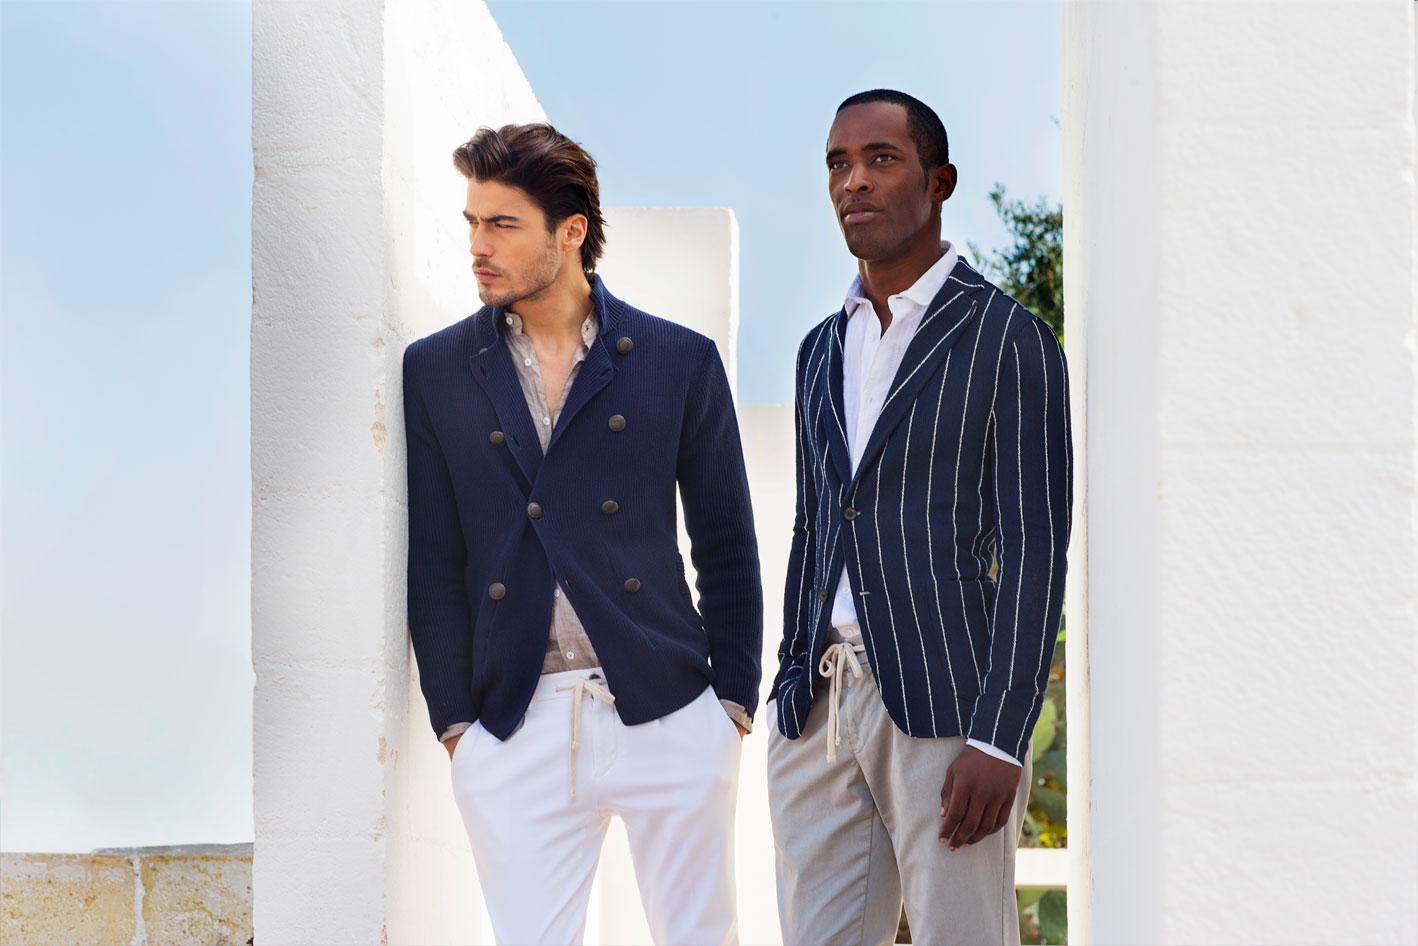 b4f1959a2566 FRADI Abbigliamento Uomo Shop On Line Giacche - Pantaloni - Piumini -  Cappotti Uomo Made in Italy